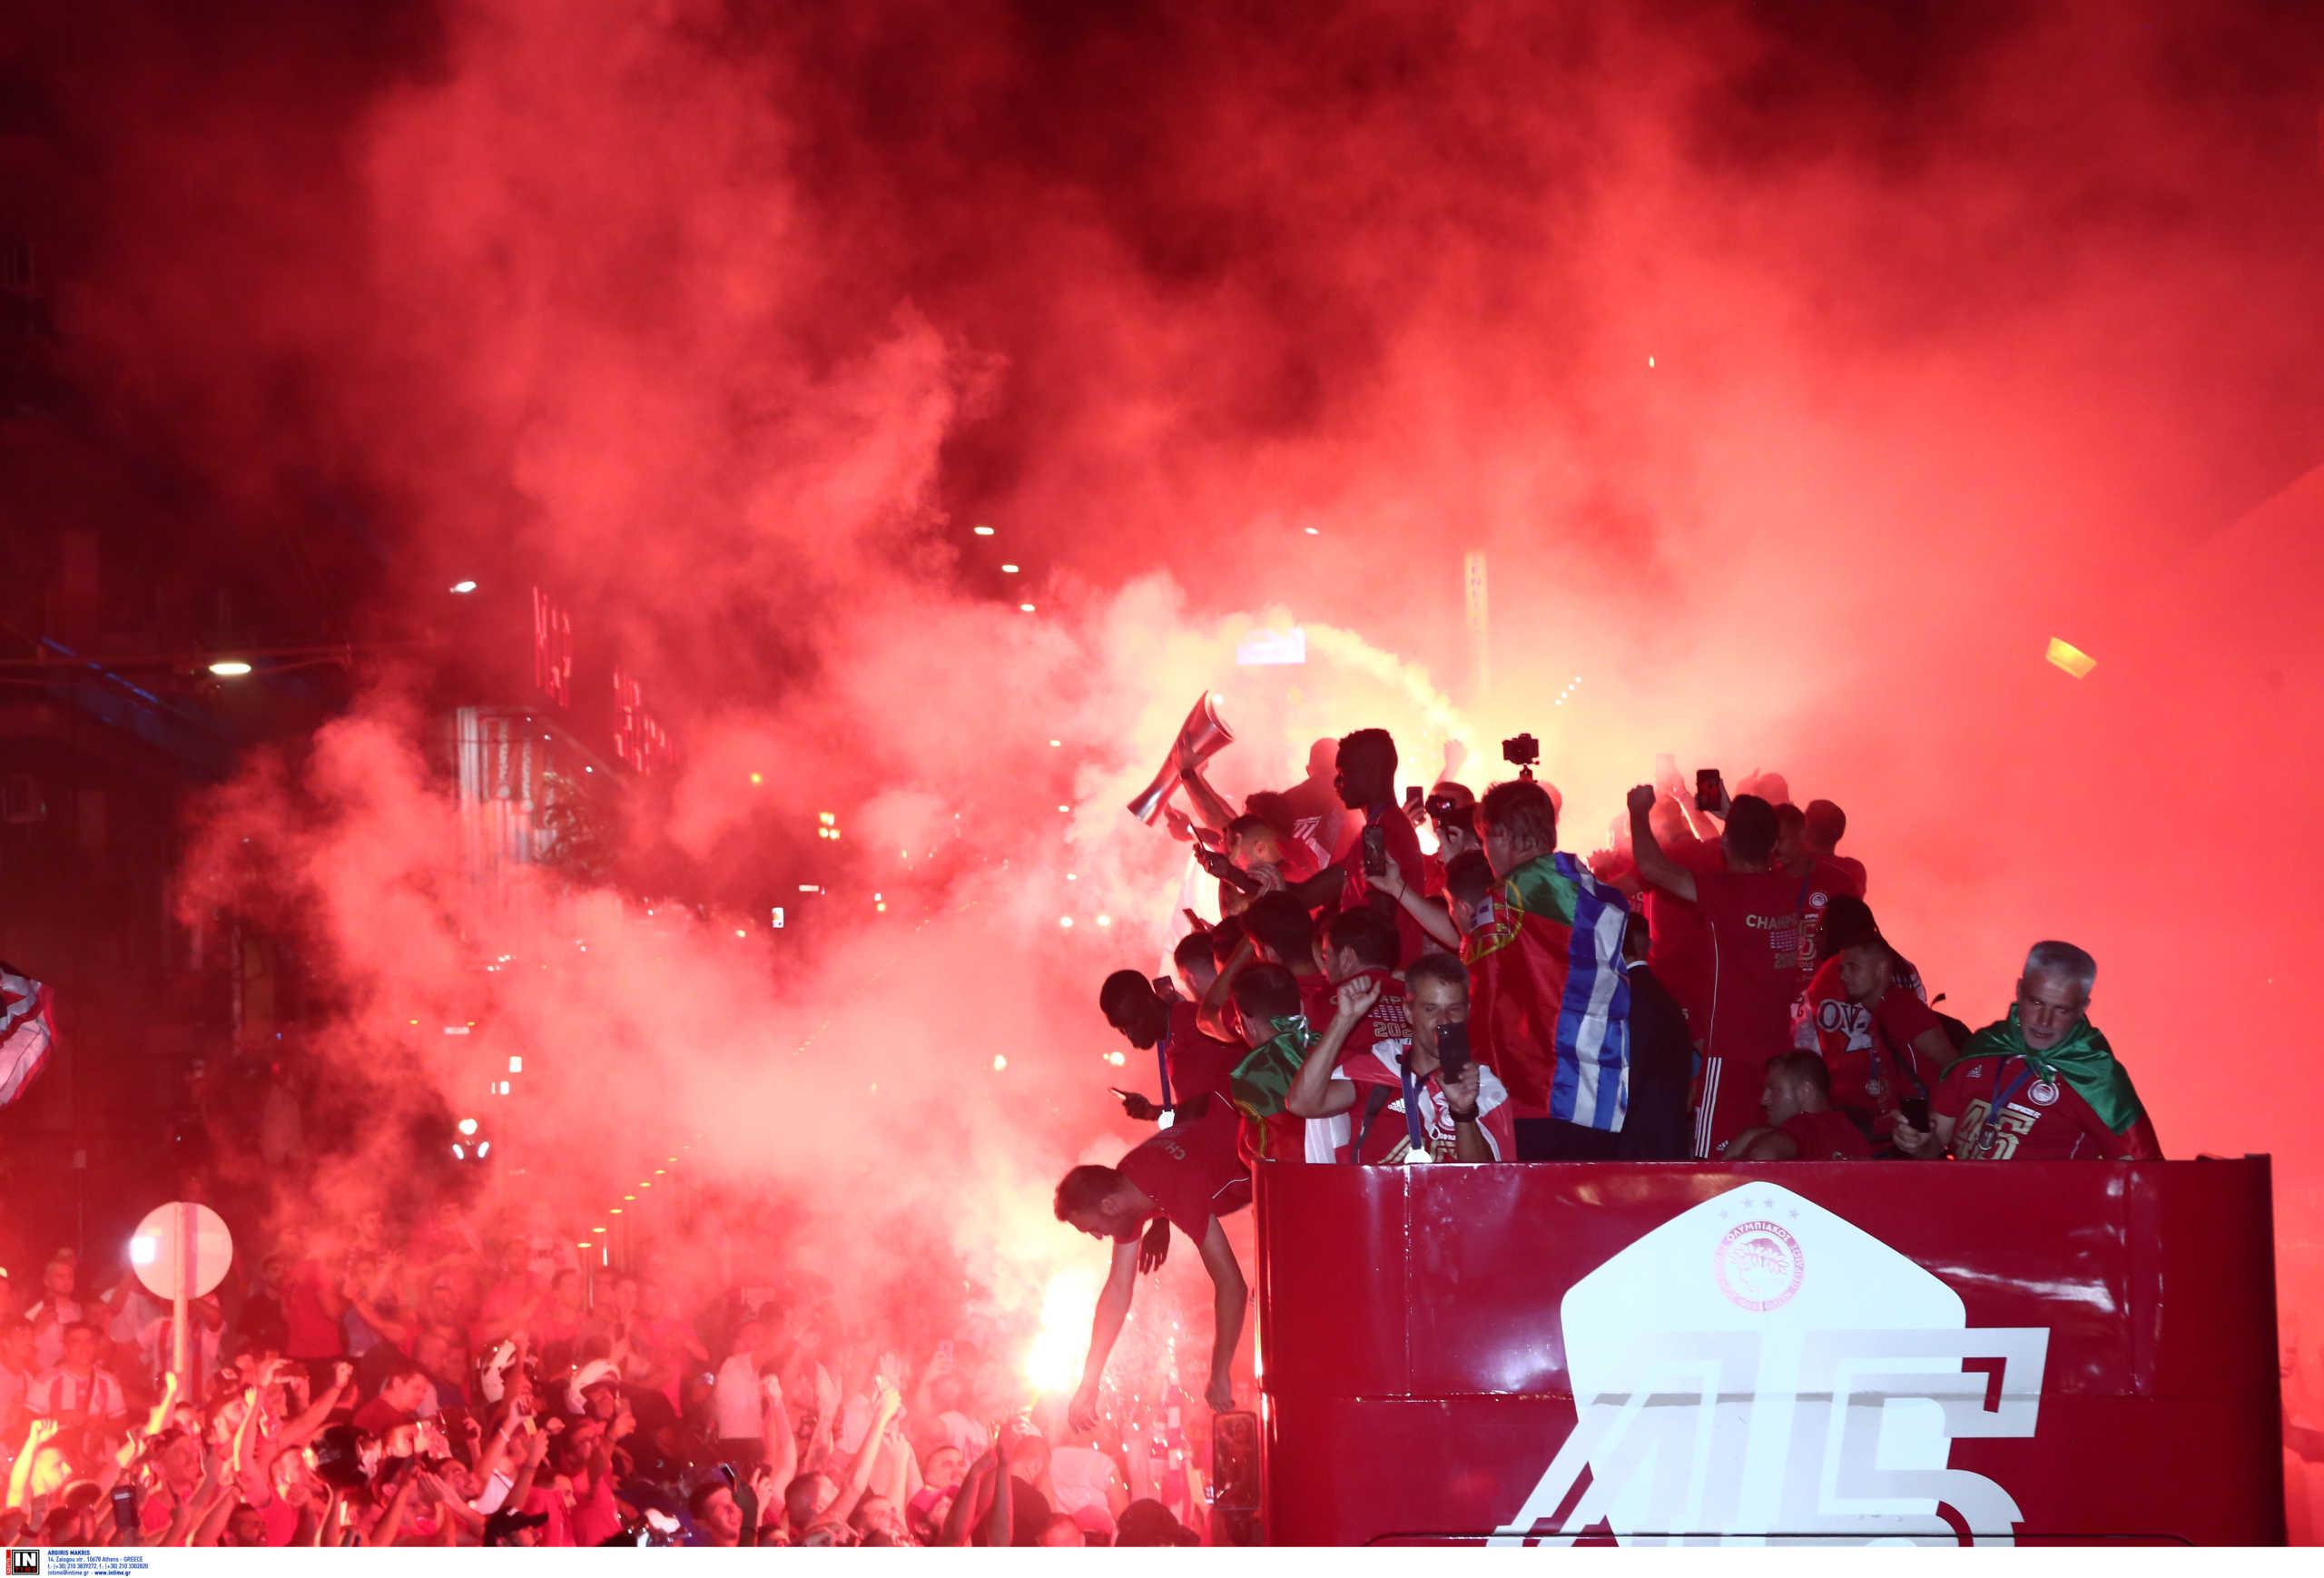 """Ολυμπιακός: """"Ερυθρόλευκο"""" πάρτι για το πρωτάθλημα! Έγινε η… νύχτα μέρα στο Πασαλιμάνι (video)"""